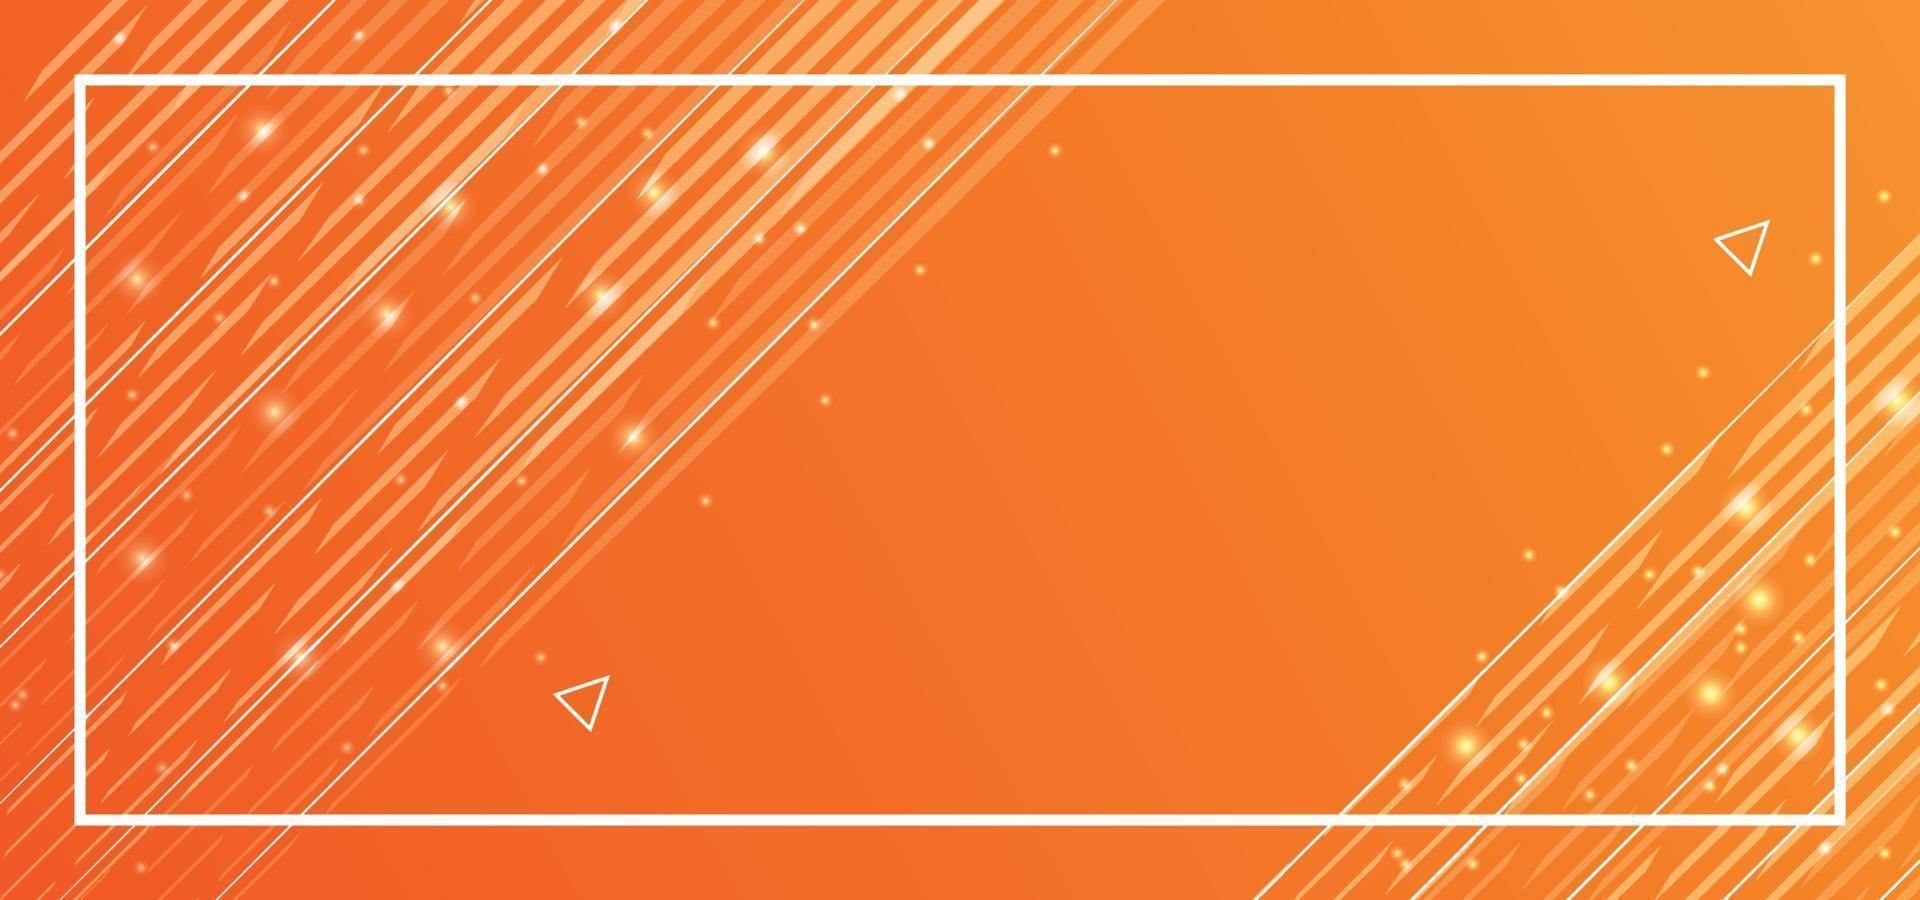 orange Linien schönen Hintergrund oder Banner vektor